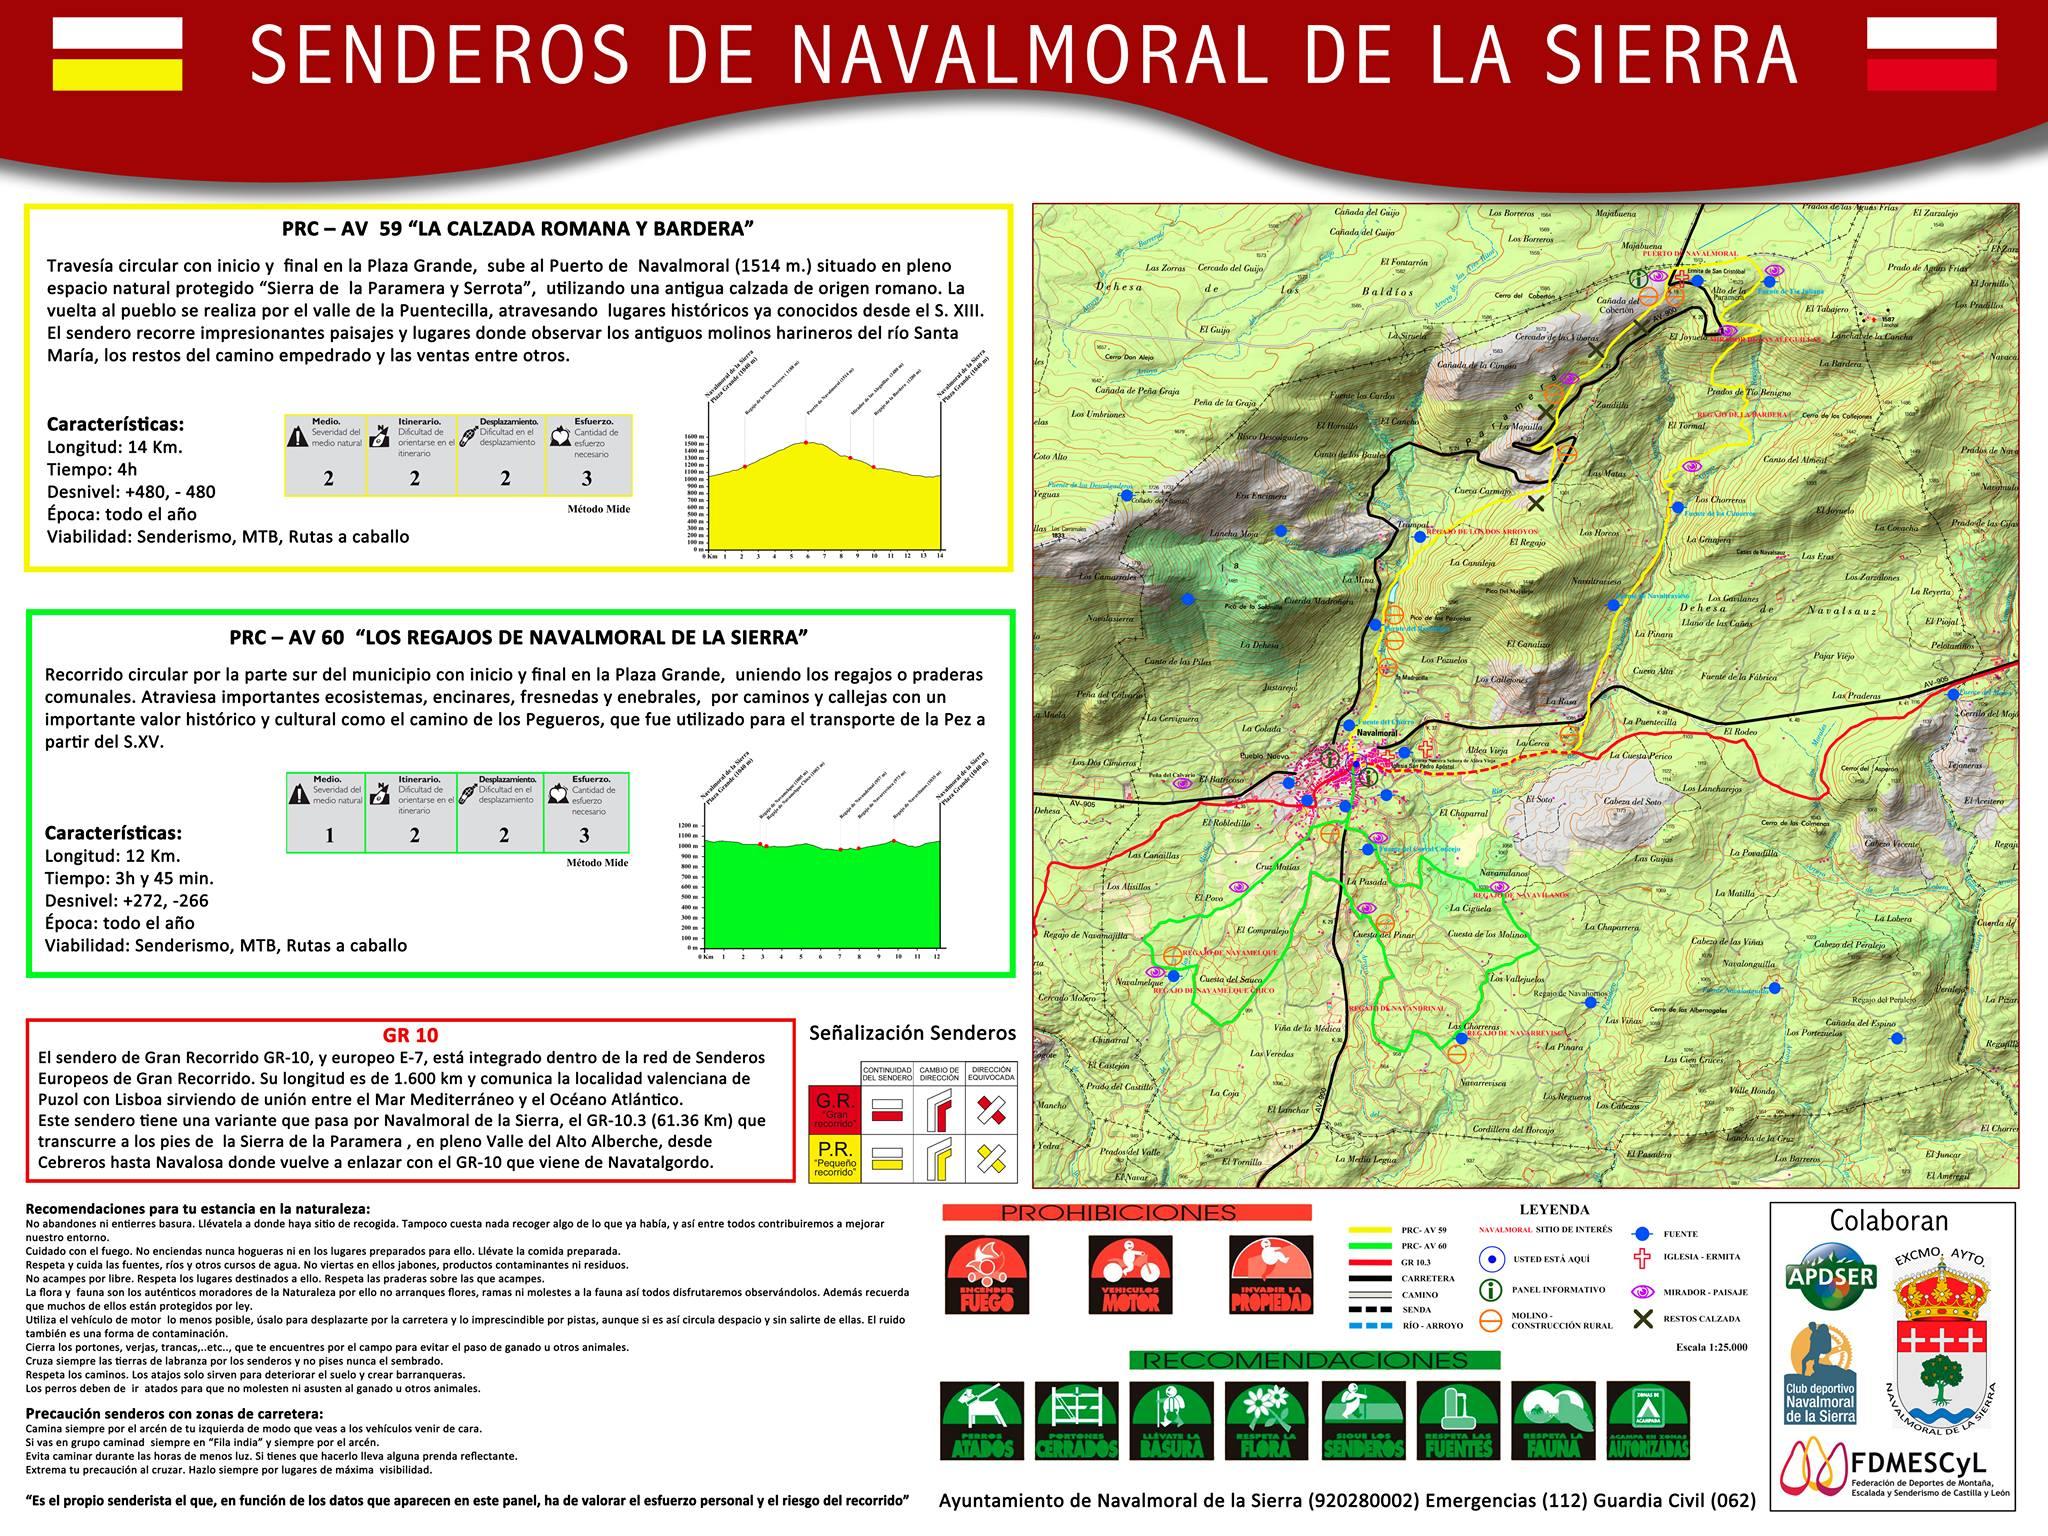 Senderismo en navalmoral de la sierra zona para - Navalmoral de la sierra ...